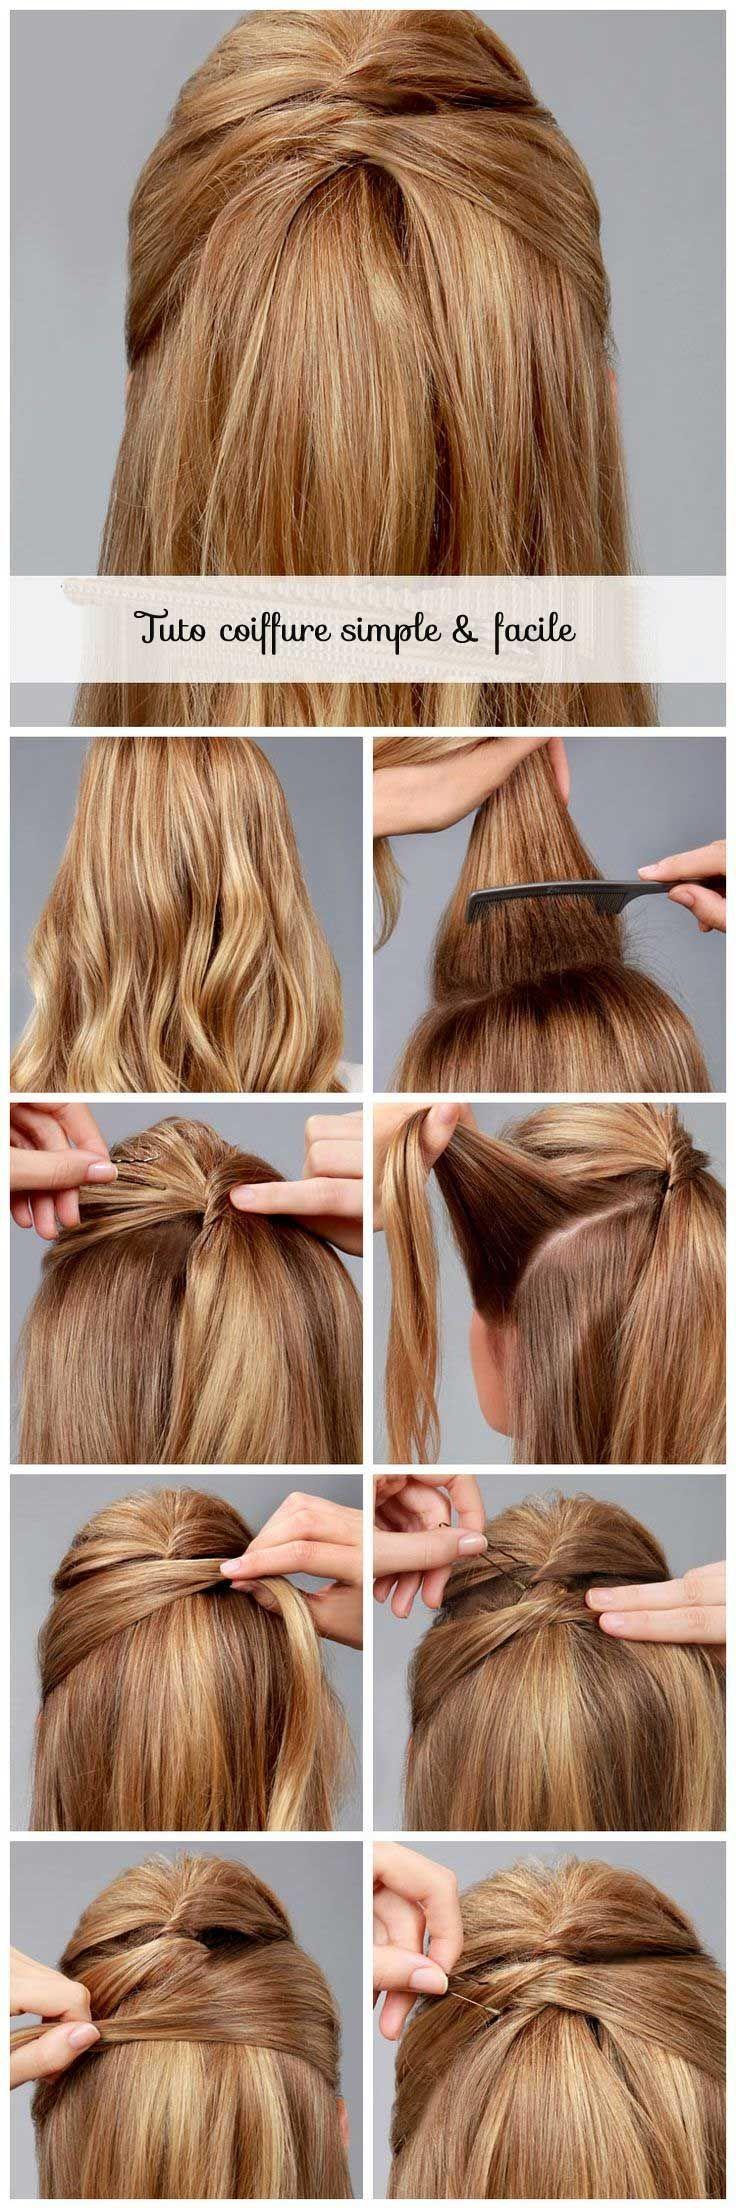 un tuto coiffure avec un headband.: